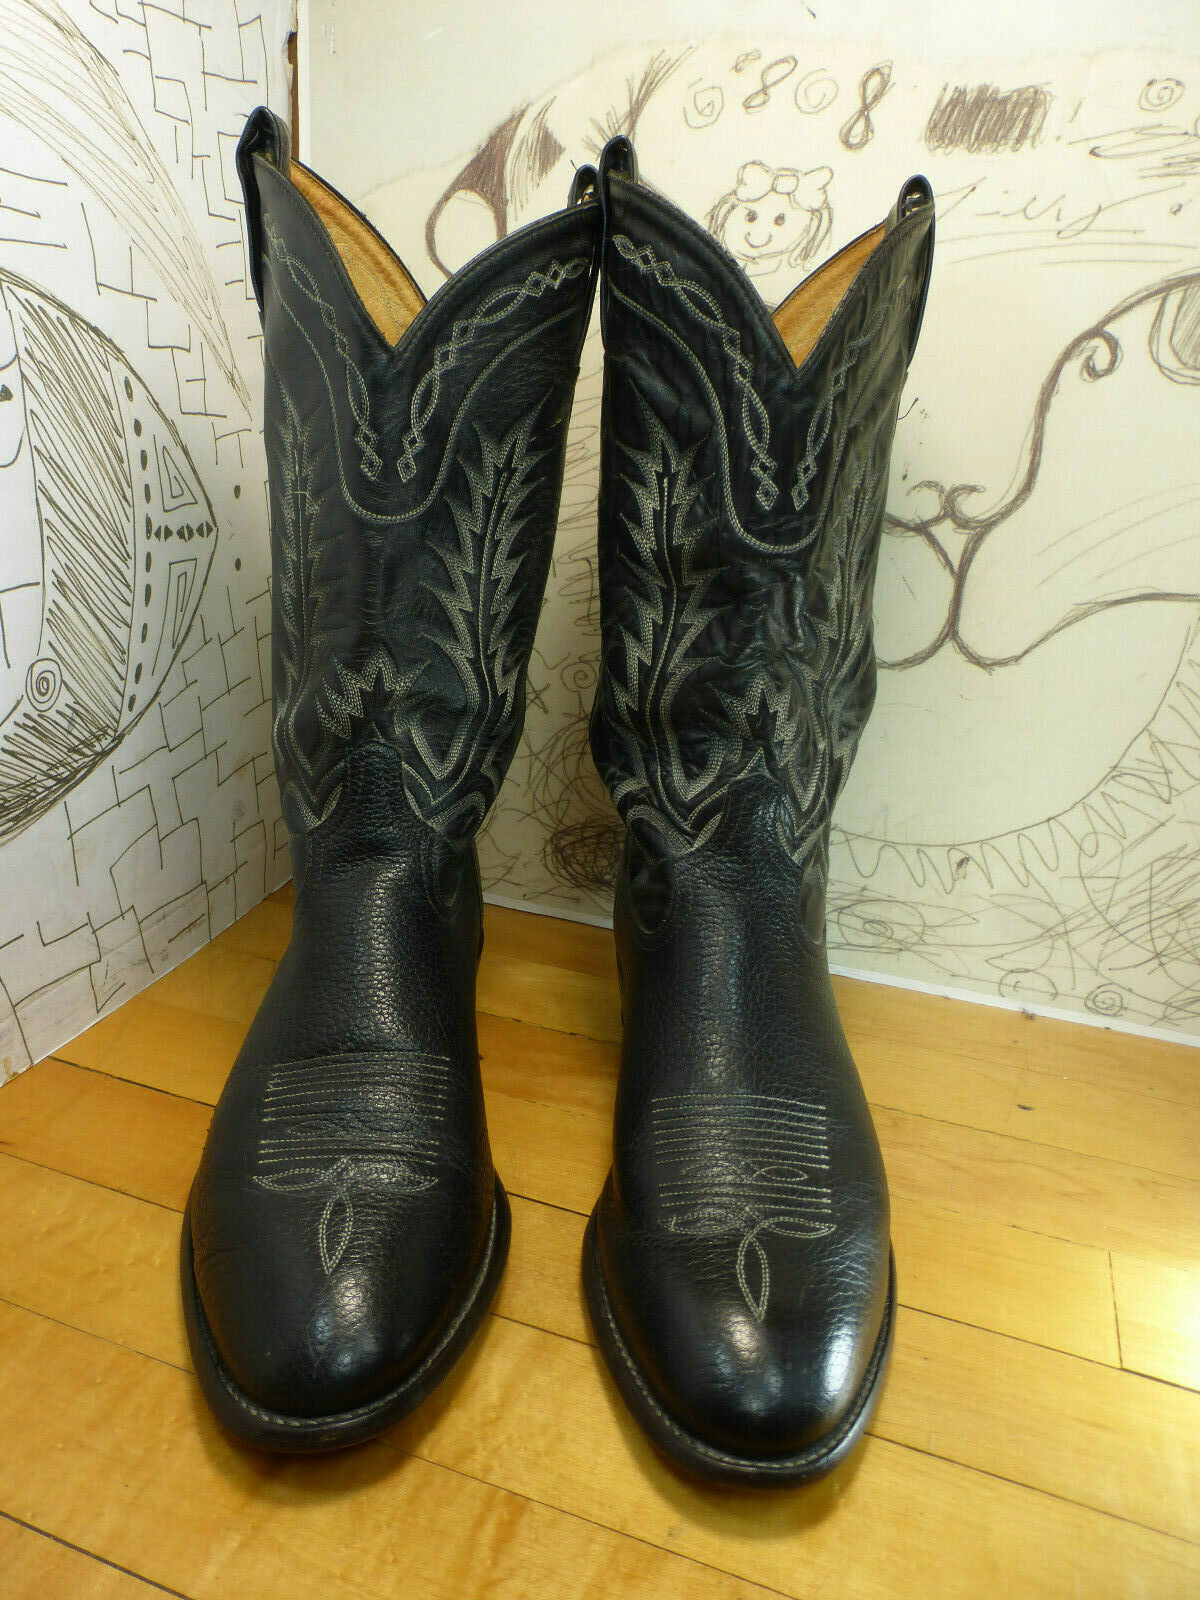 Tony Lama negro botas de cuero hombre 10EE Hecho en EE. UU.